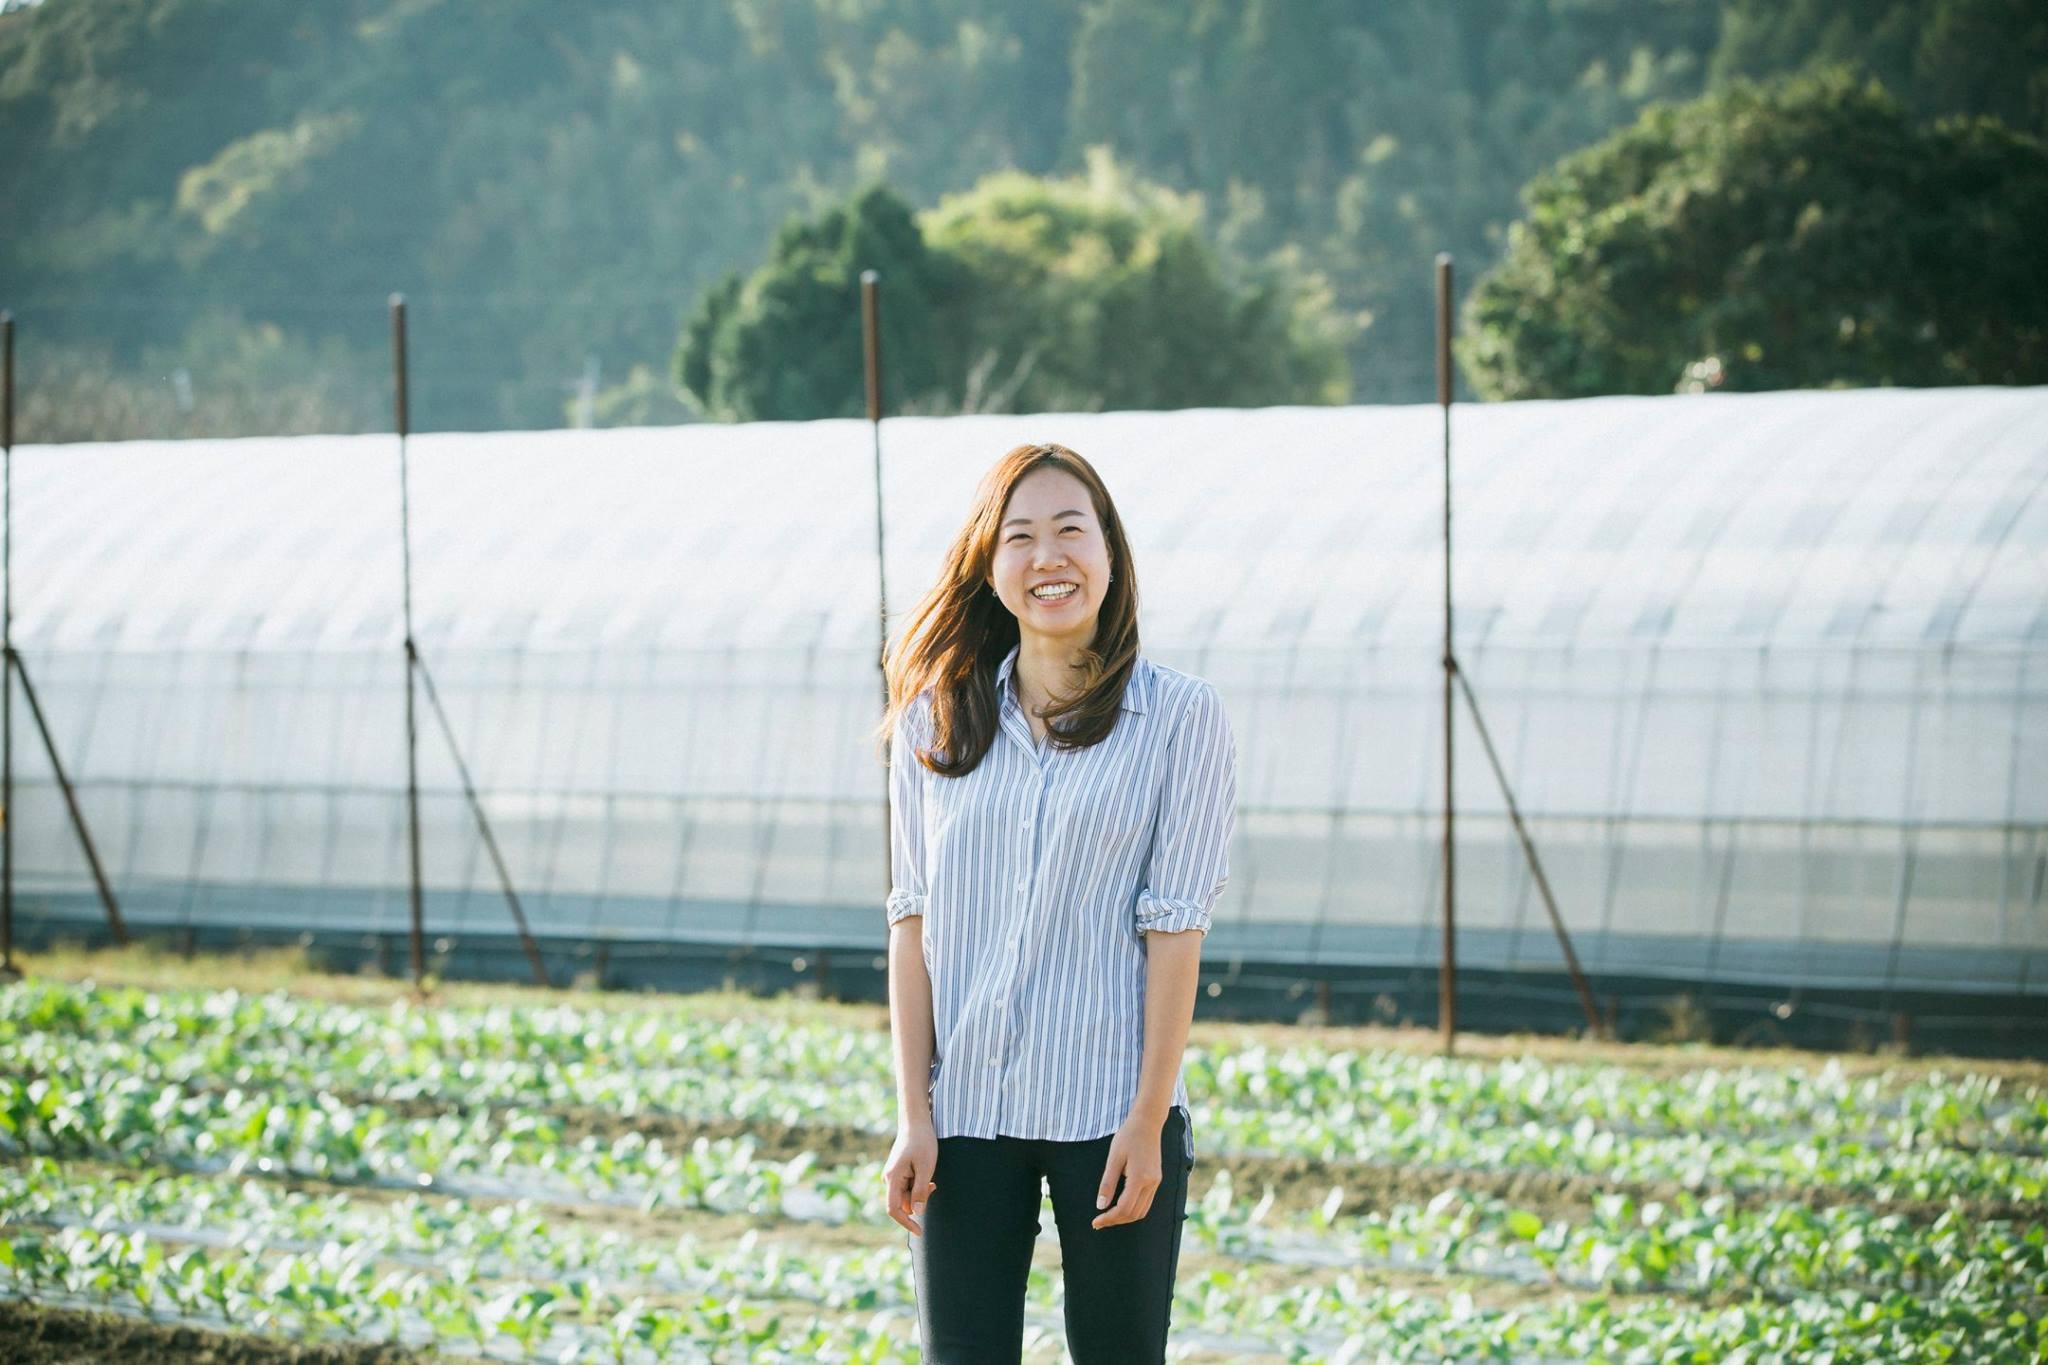 福岡県から移住し、起業。農業経験ゼロからの挑戦-ローカルベンチャー特集